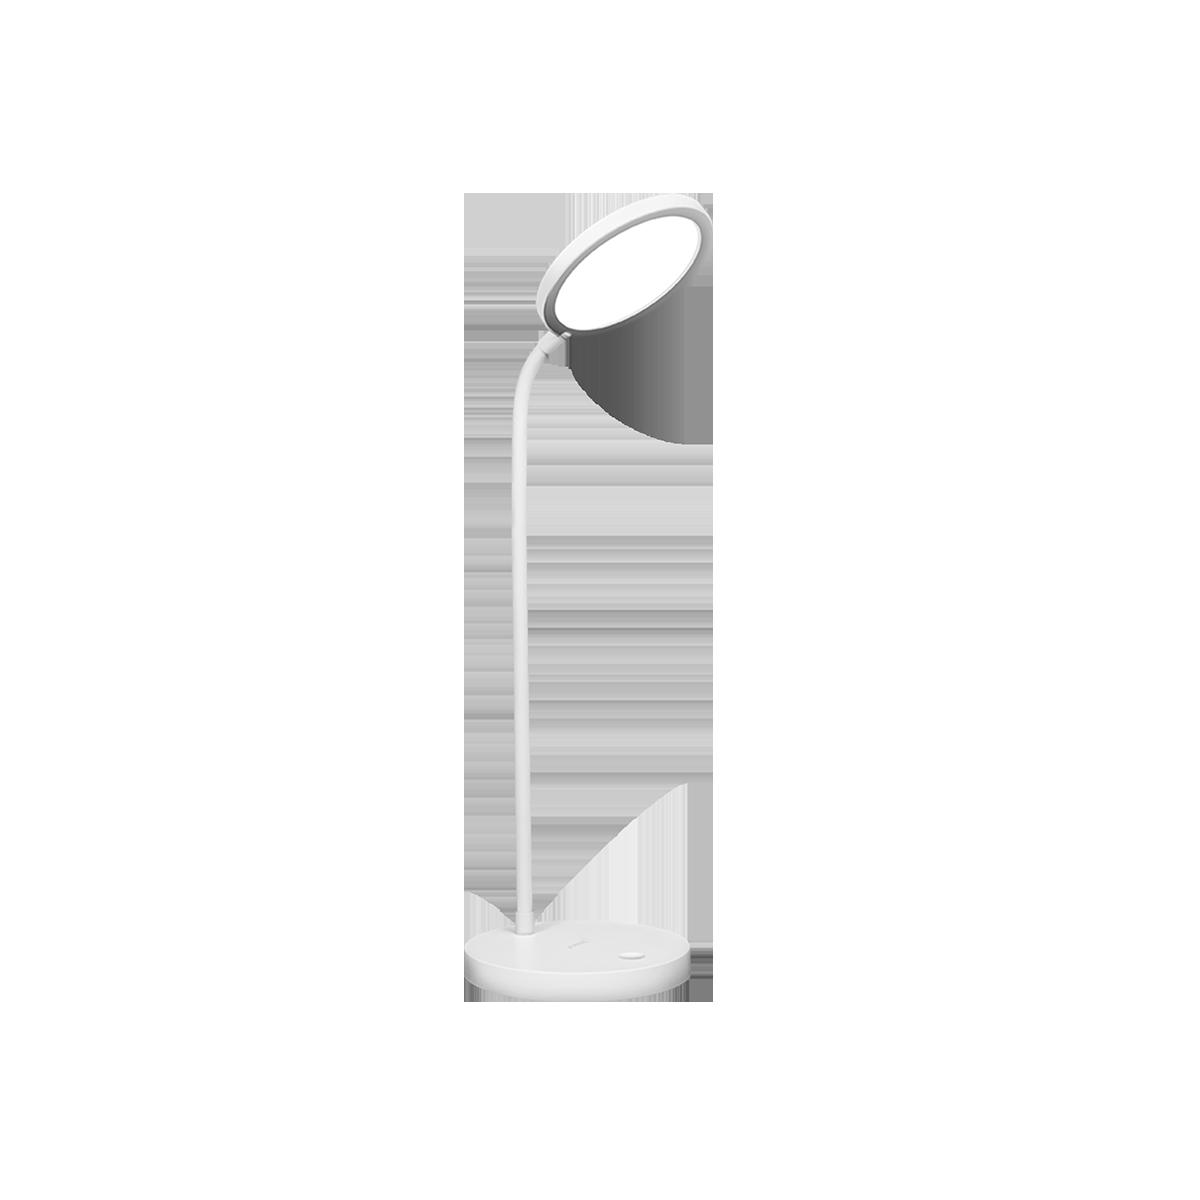 Midea/美的 MTD12-M/K-02灯具 说明书.pdf